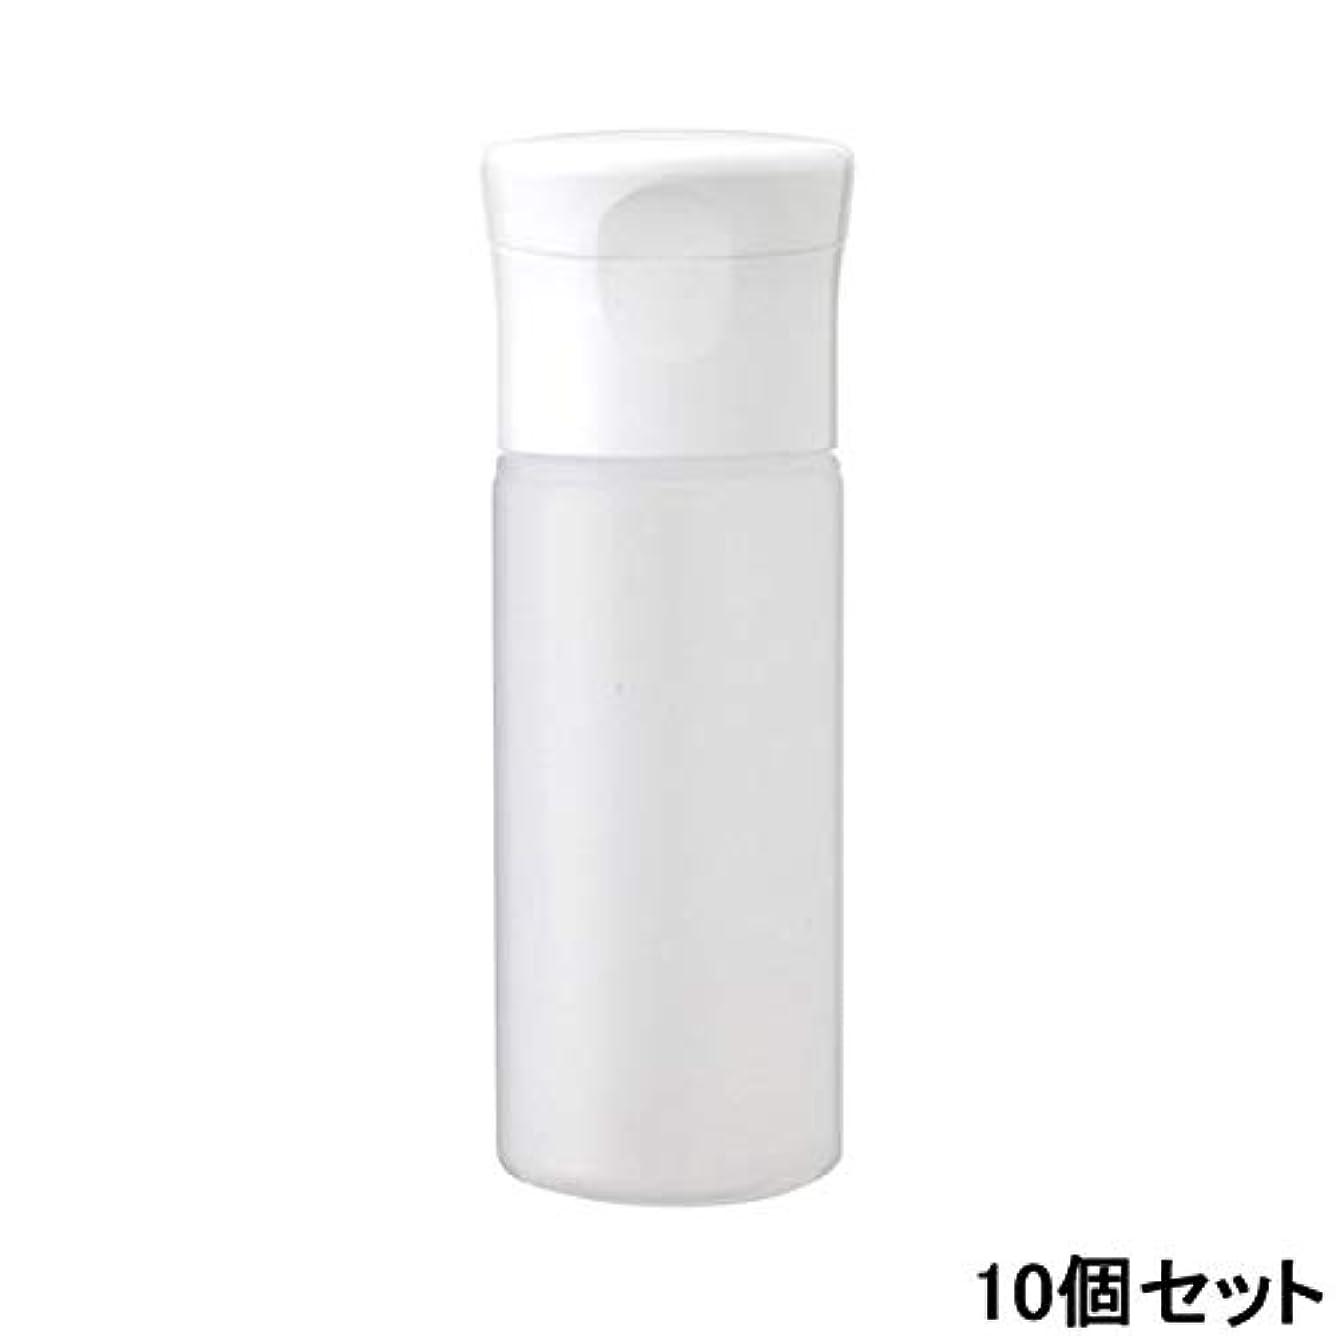 最大化する言い訳マネージャーペットボトル容器 半透明 30mL (ワンタッチキャップ付き) (10個セット) [ ペットボトル 空ボトル 空容器 ワンタッチ キャップ 詰替え 別売スプレーヘッド対応 別売ポンプヘッド対応 ]